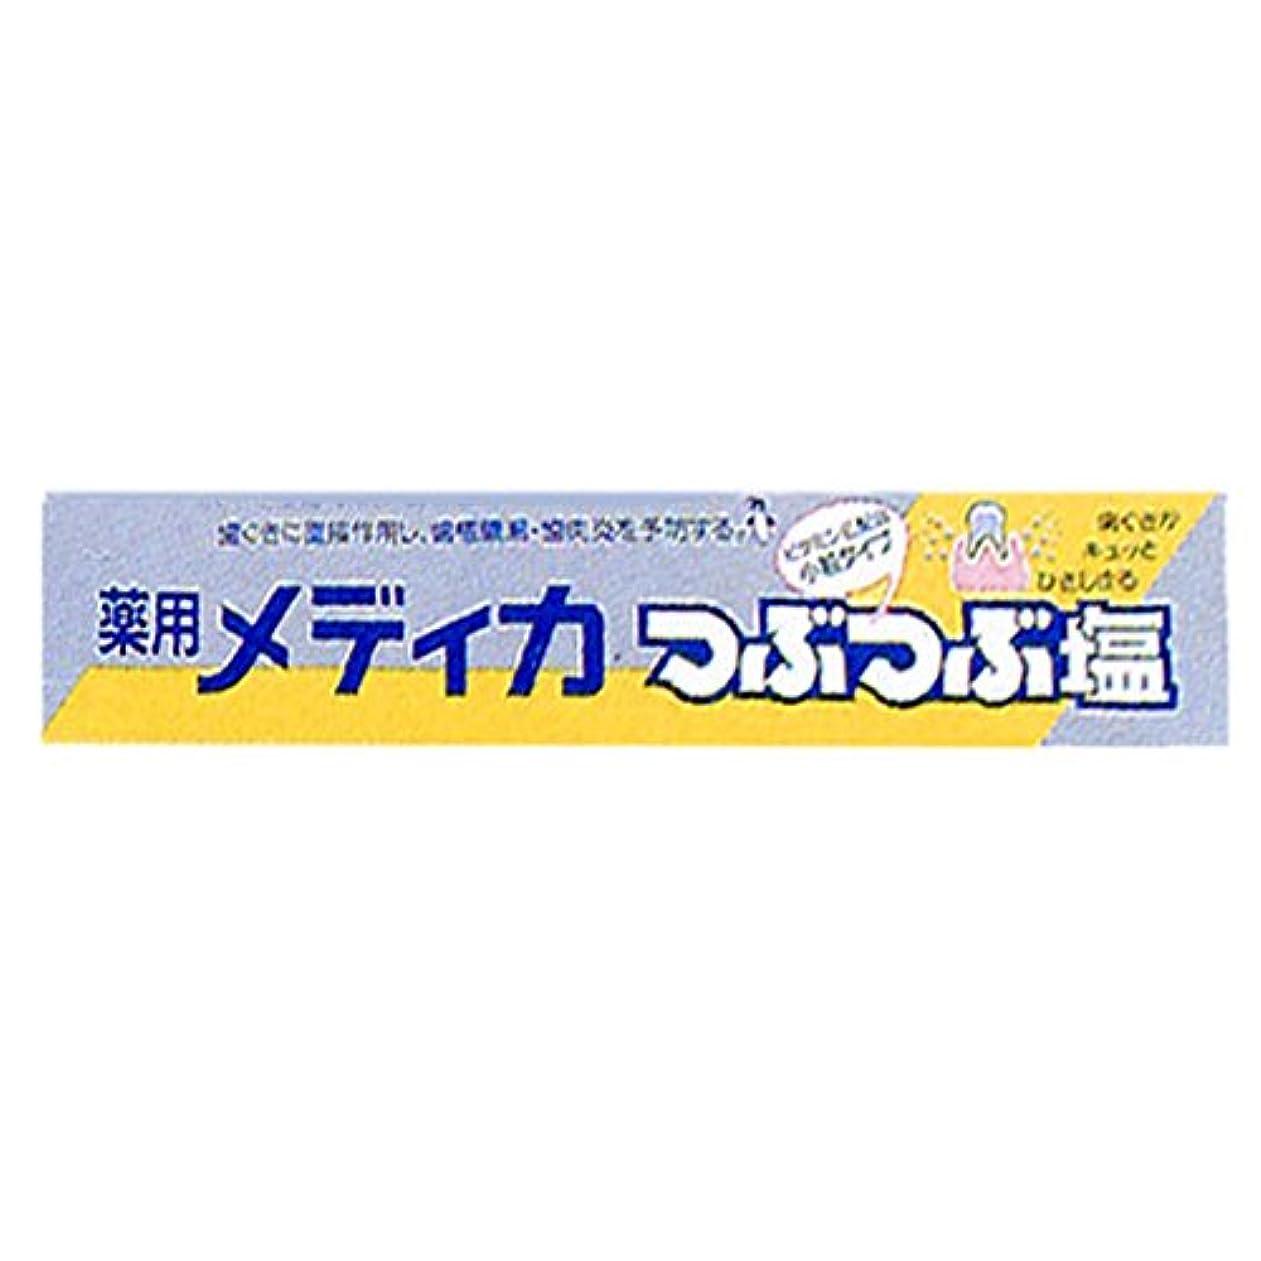 加入コードレス干渉する薬用メディカつぶつぶ塩 170g